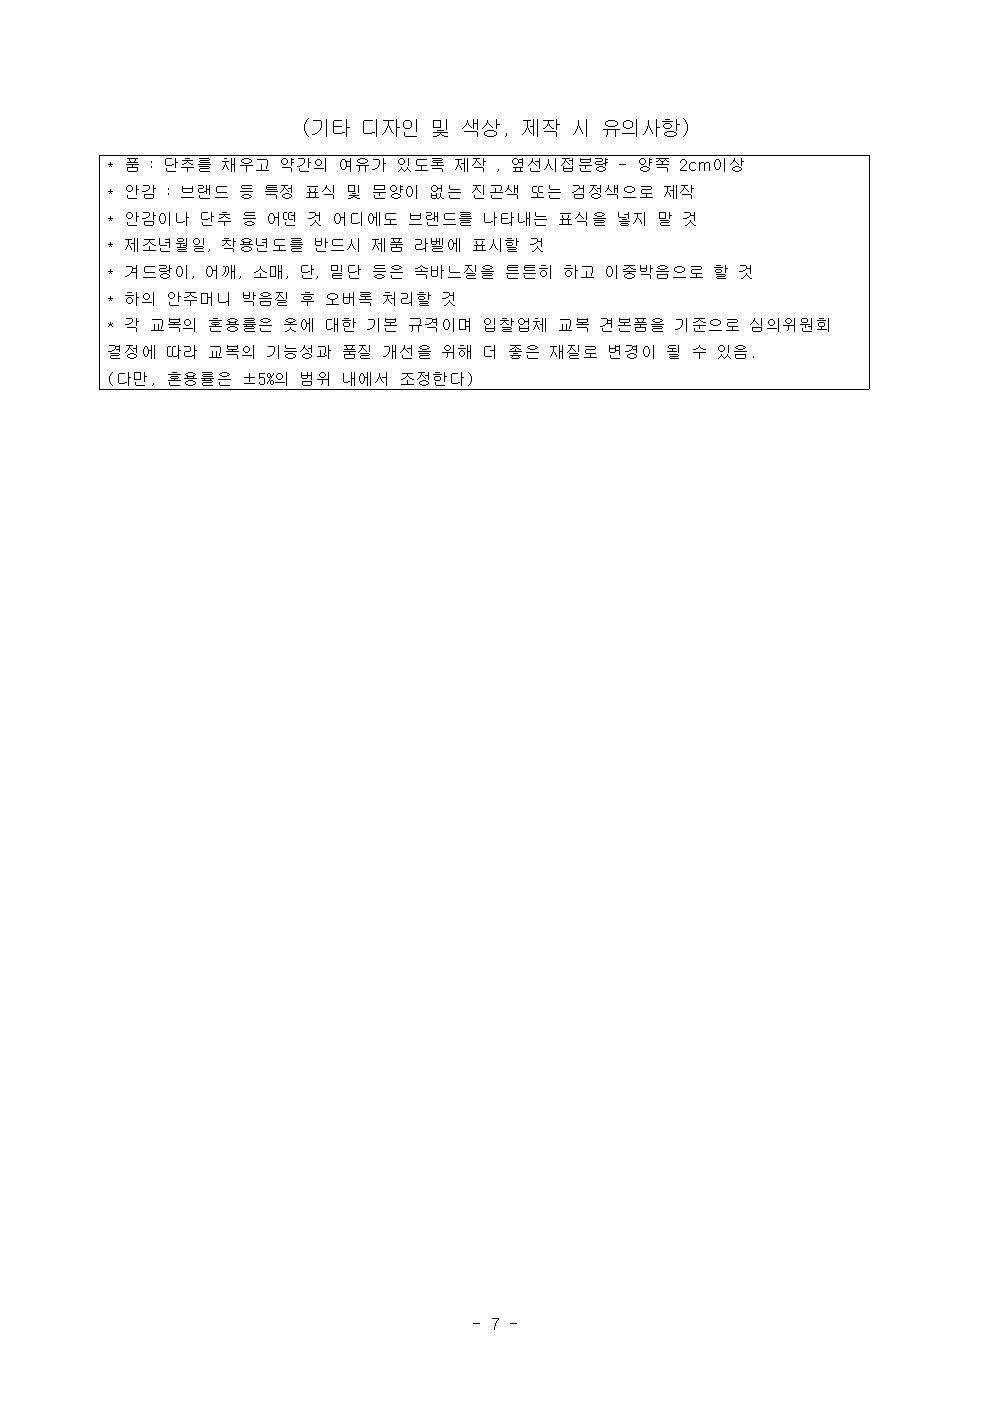 [일반] 2021학년도 목암중학교 교복 사양서 게시의 첨부이미지 7